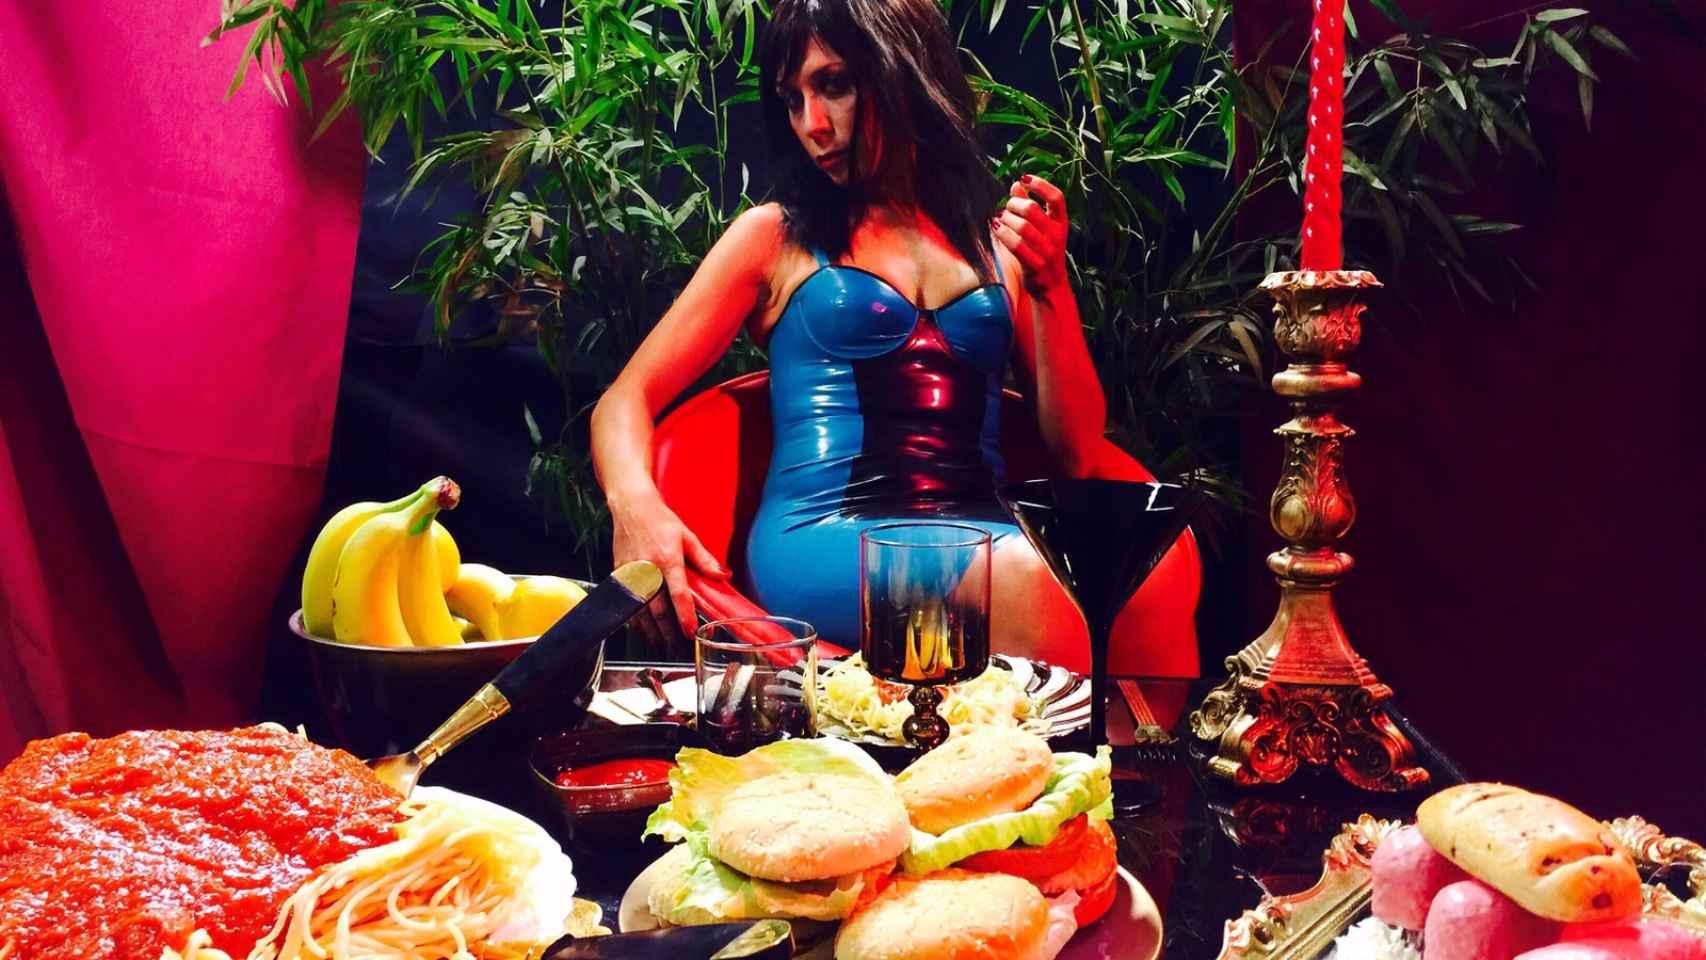 La actriz Eva Isanta en el rodaje de 'For Us', el nuevo videoclip de Aldo Comas.